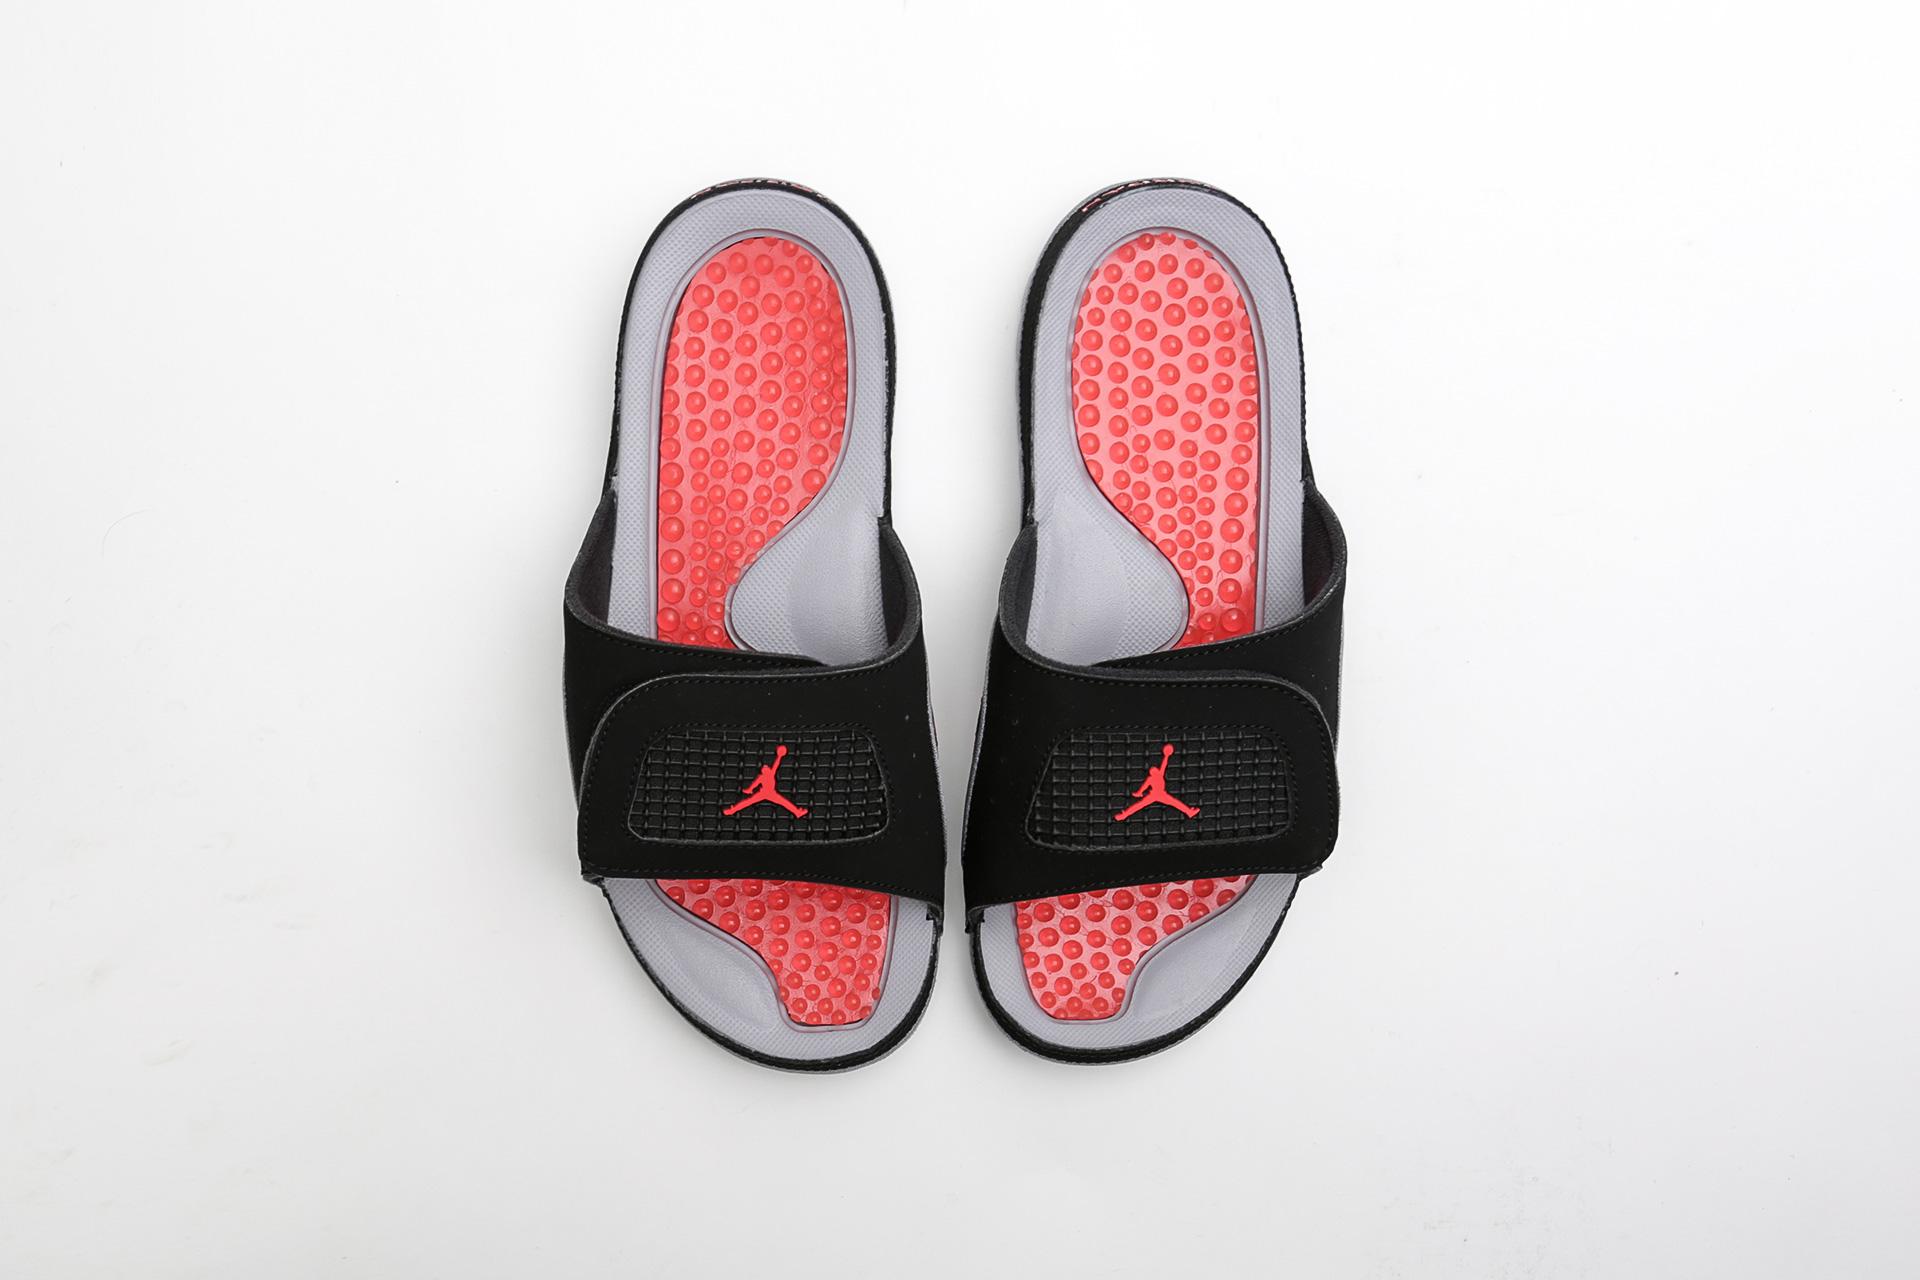 18b896c2 Купить товары Jordan (Джордан) по цене от 250 рублей с доставкой по Москве  и России в интернет-магазине Sneakerhead